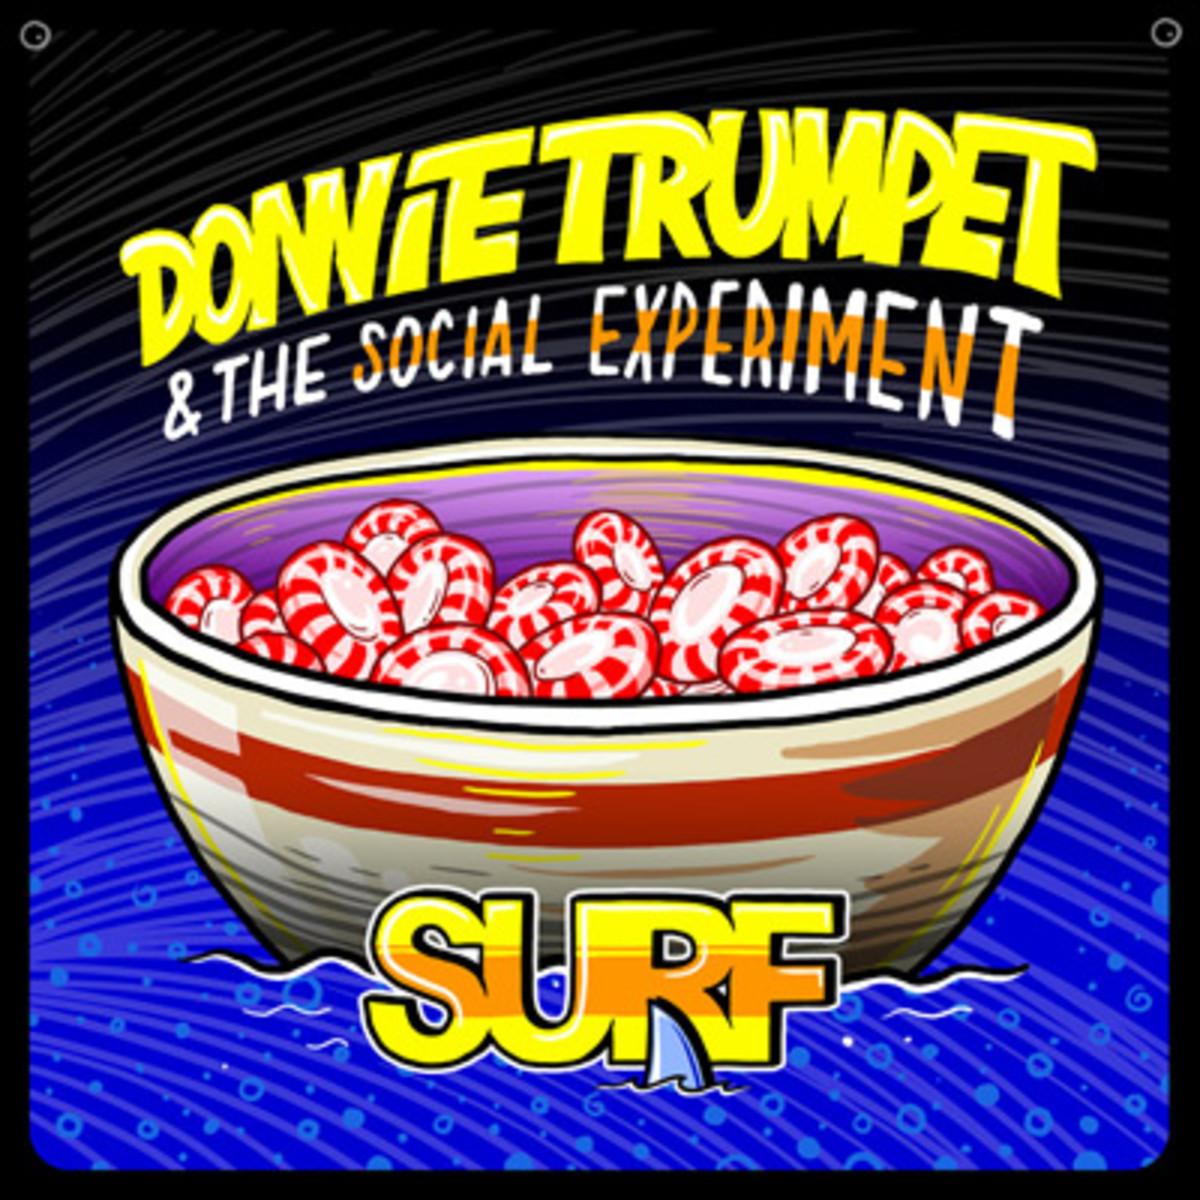 donnietrumpet-surf.jpg